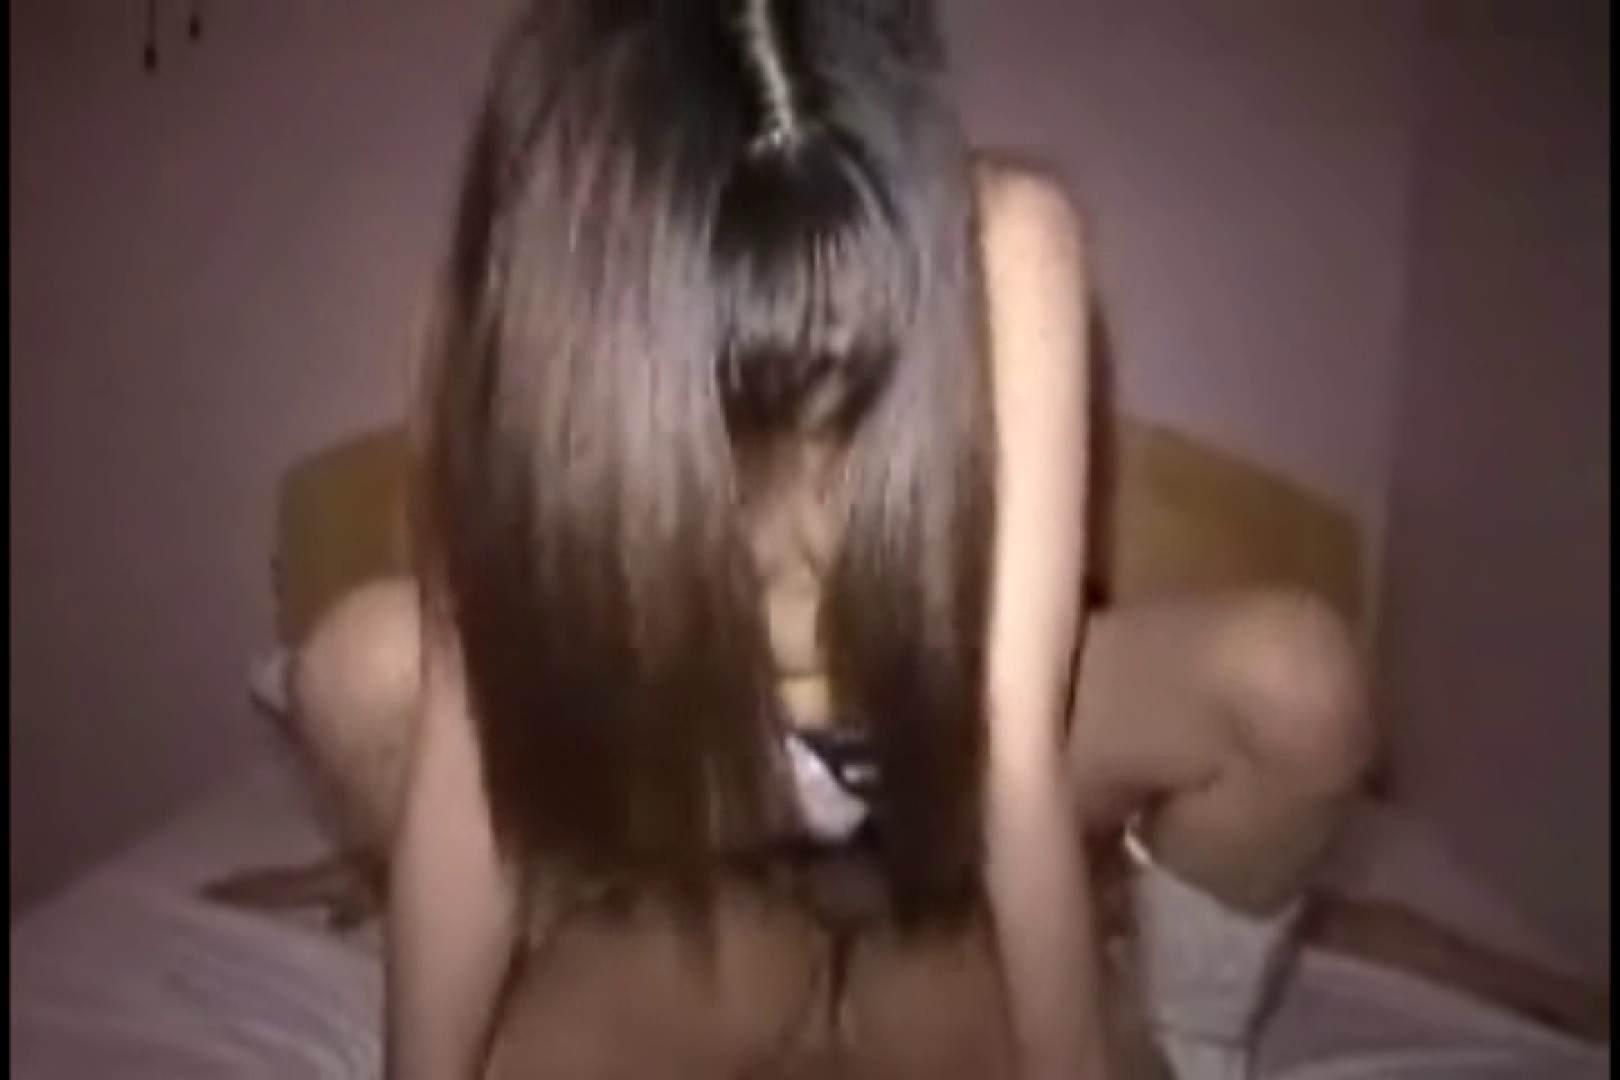 コリアン素人流出シリーズ ラブホテル援交ハメ撮り映像流出 ホテル  102pic 25